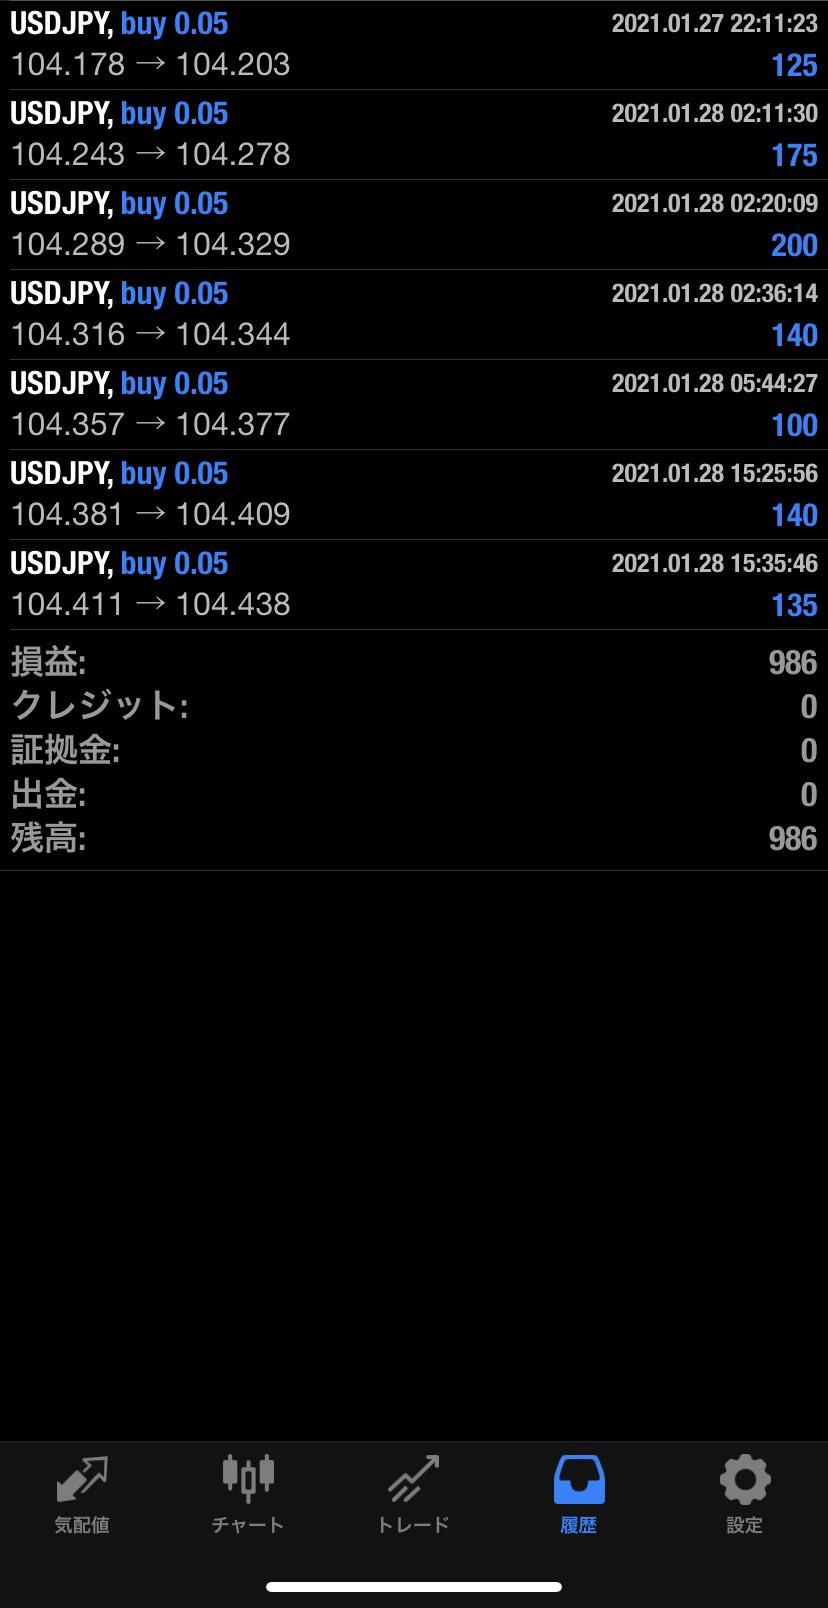 2021年1月28日 USD/JPYバージョン986円